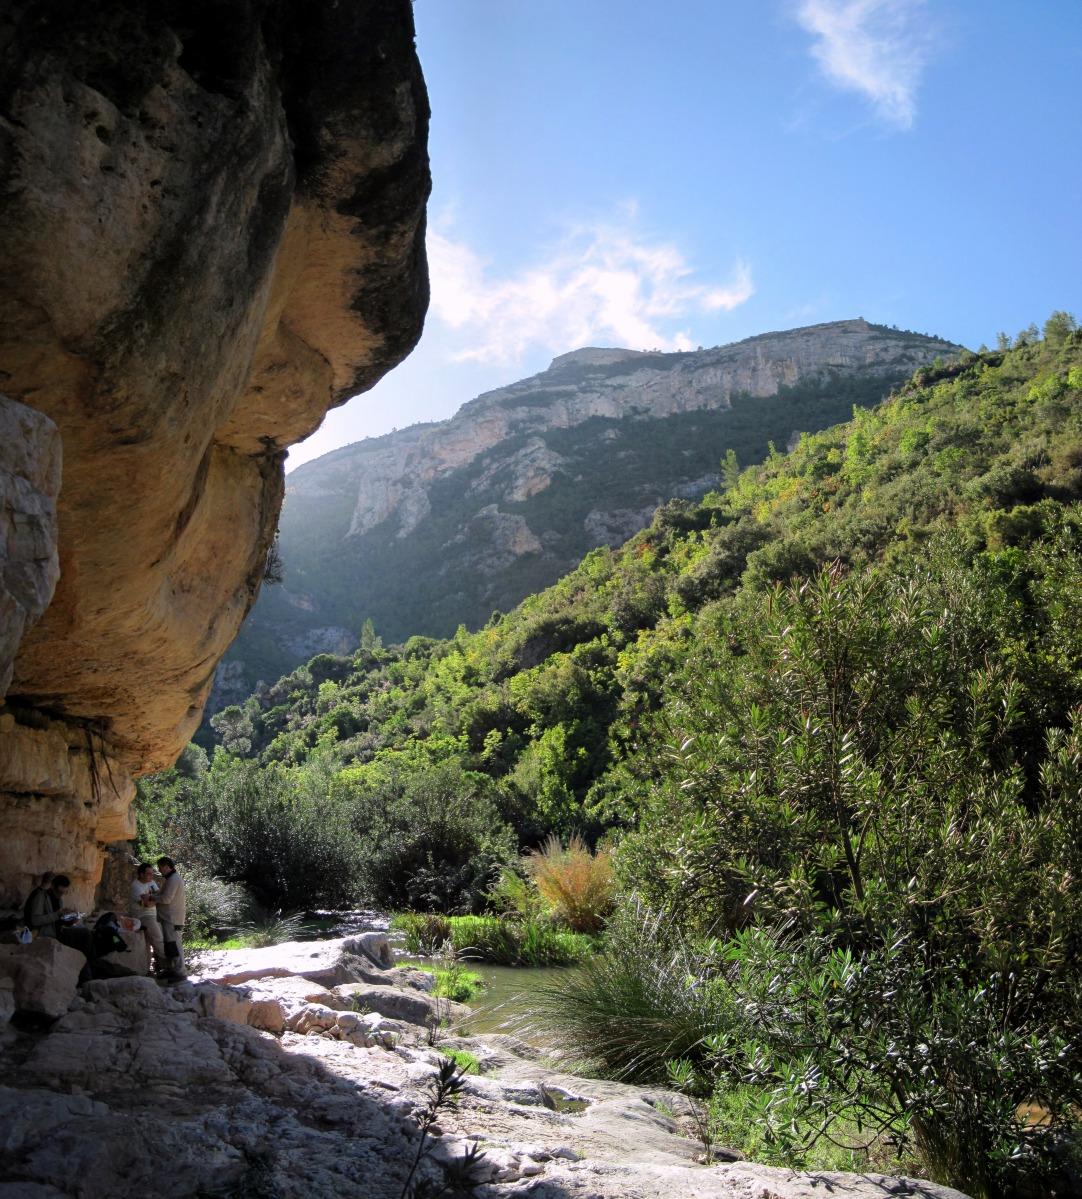 Yátova - El Cañón del Río Magro y el Cerro Tabarla - Prv 148 - SLV 21